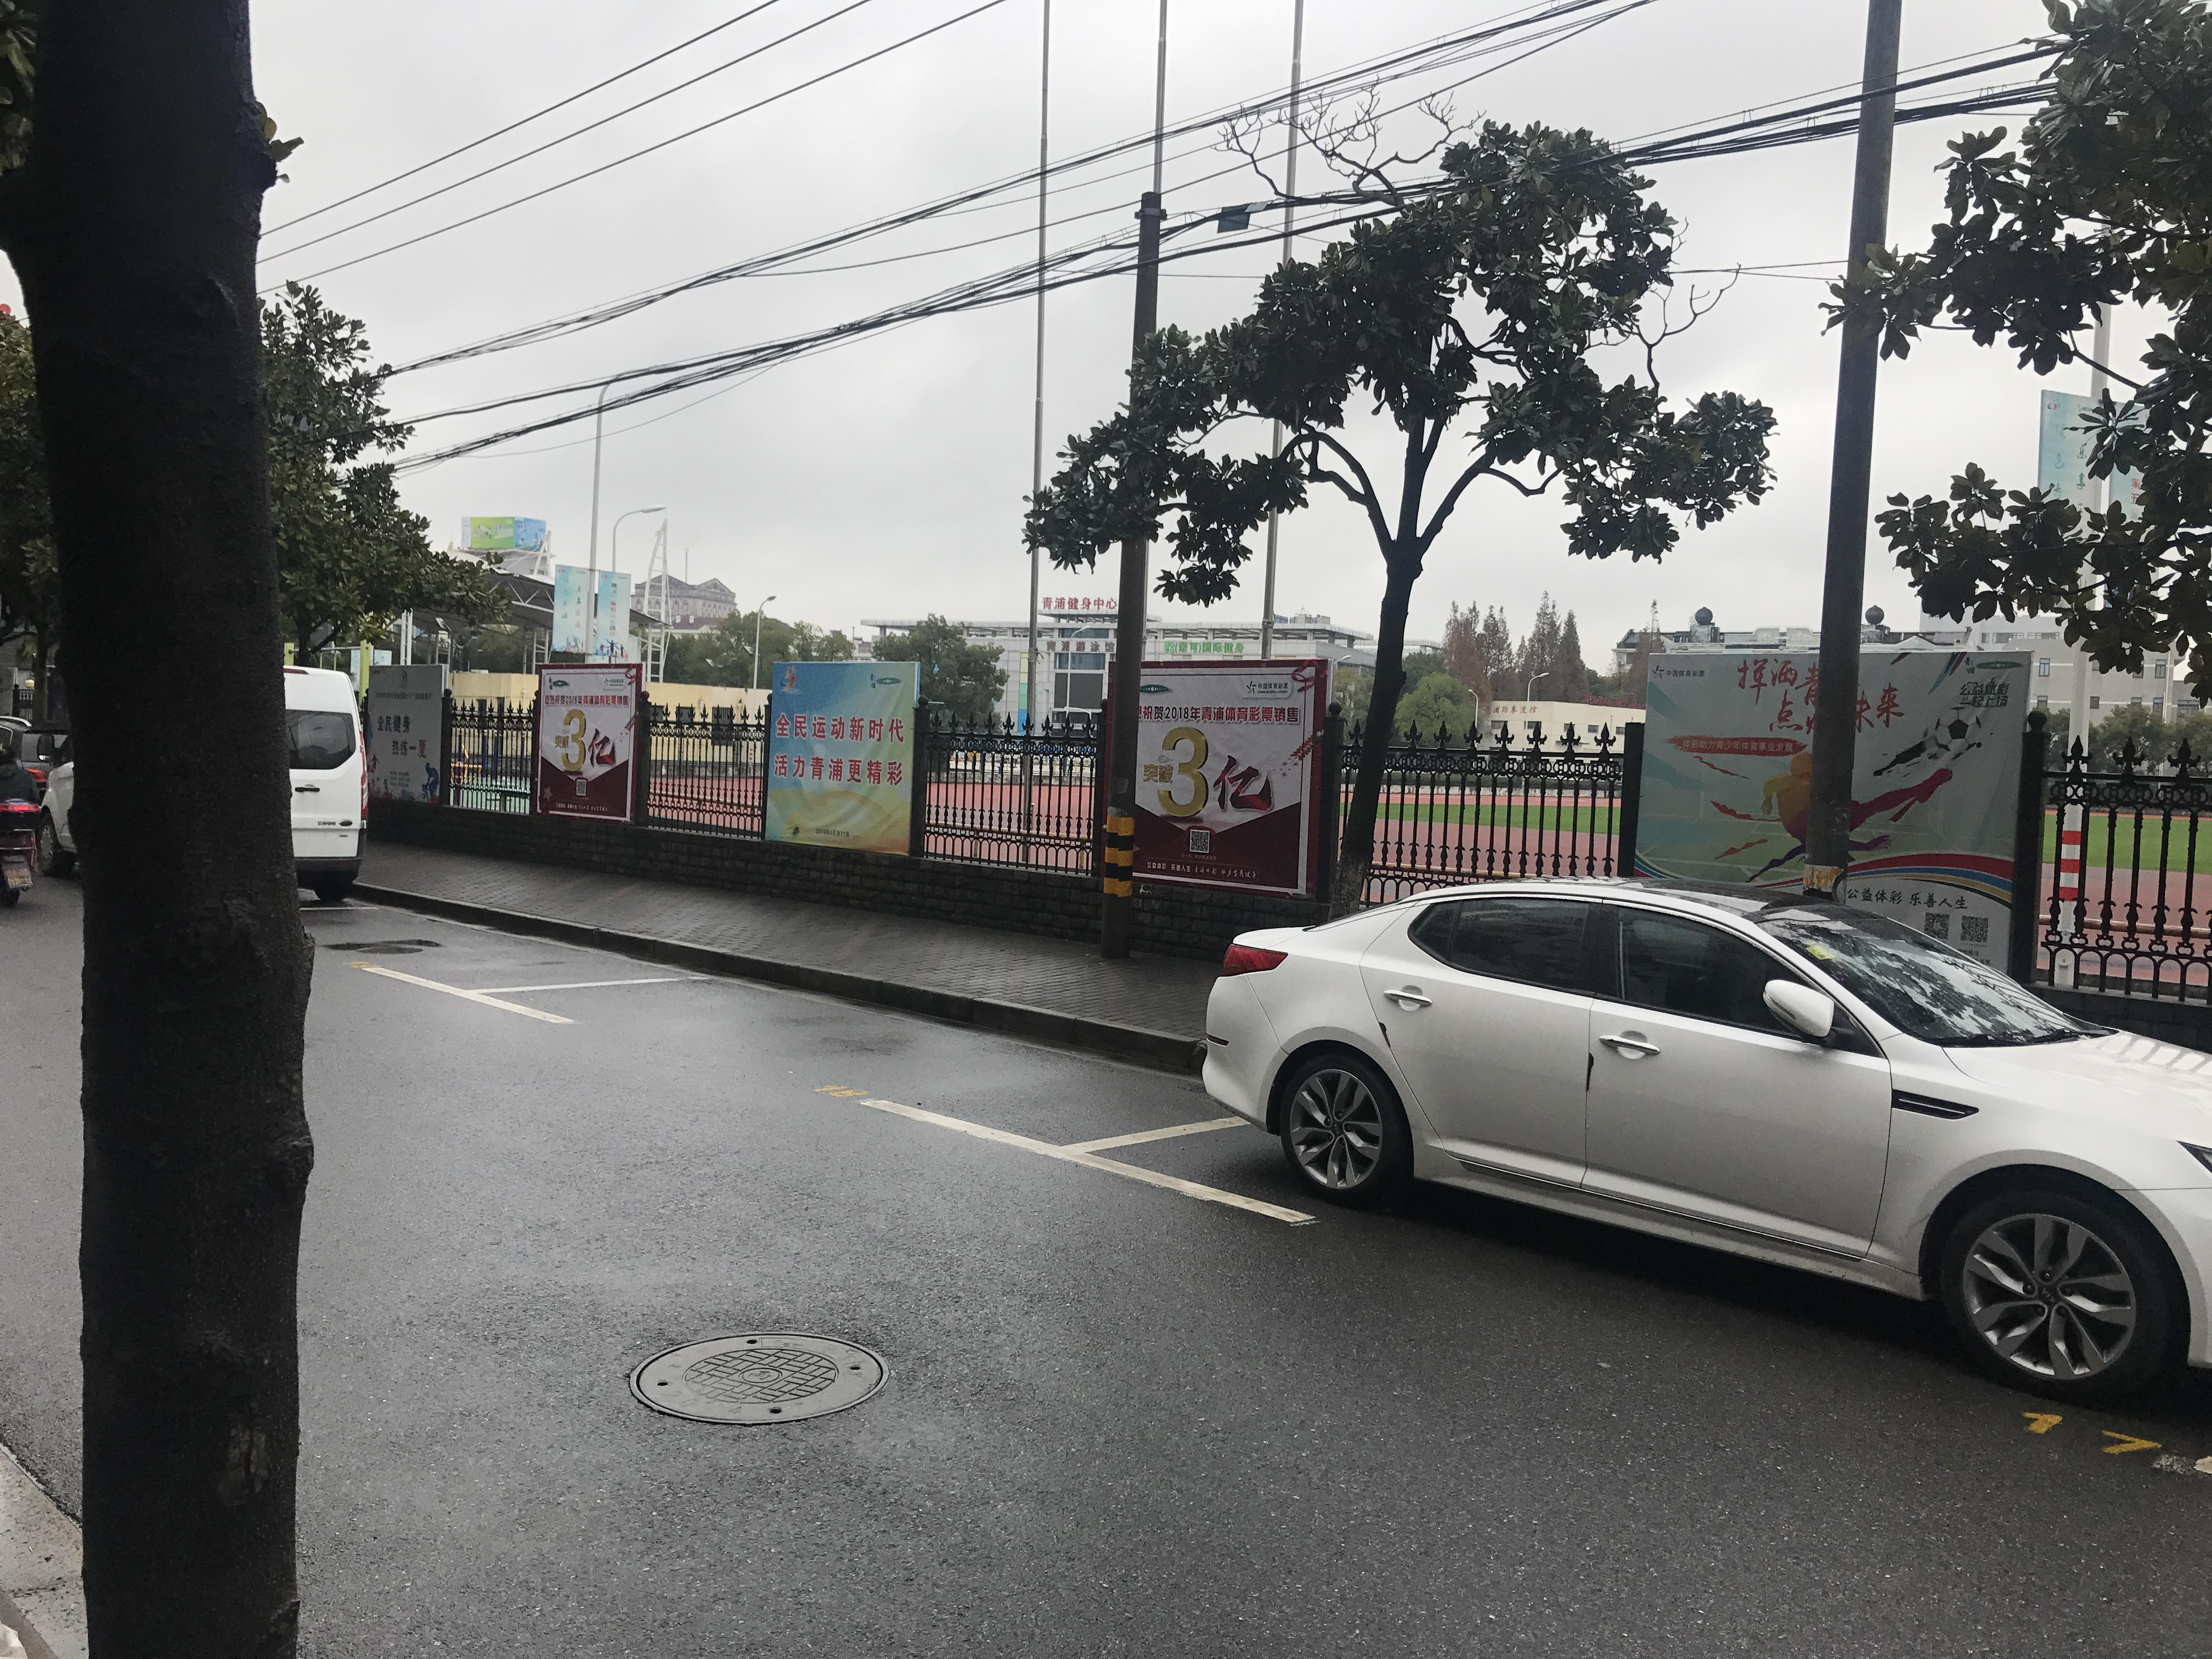 体彩竞彩标志_上海体彩网 - 详细页